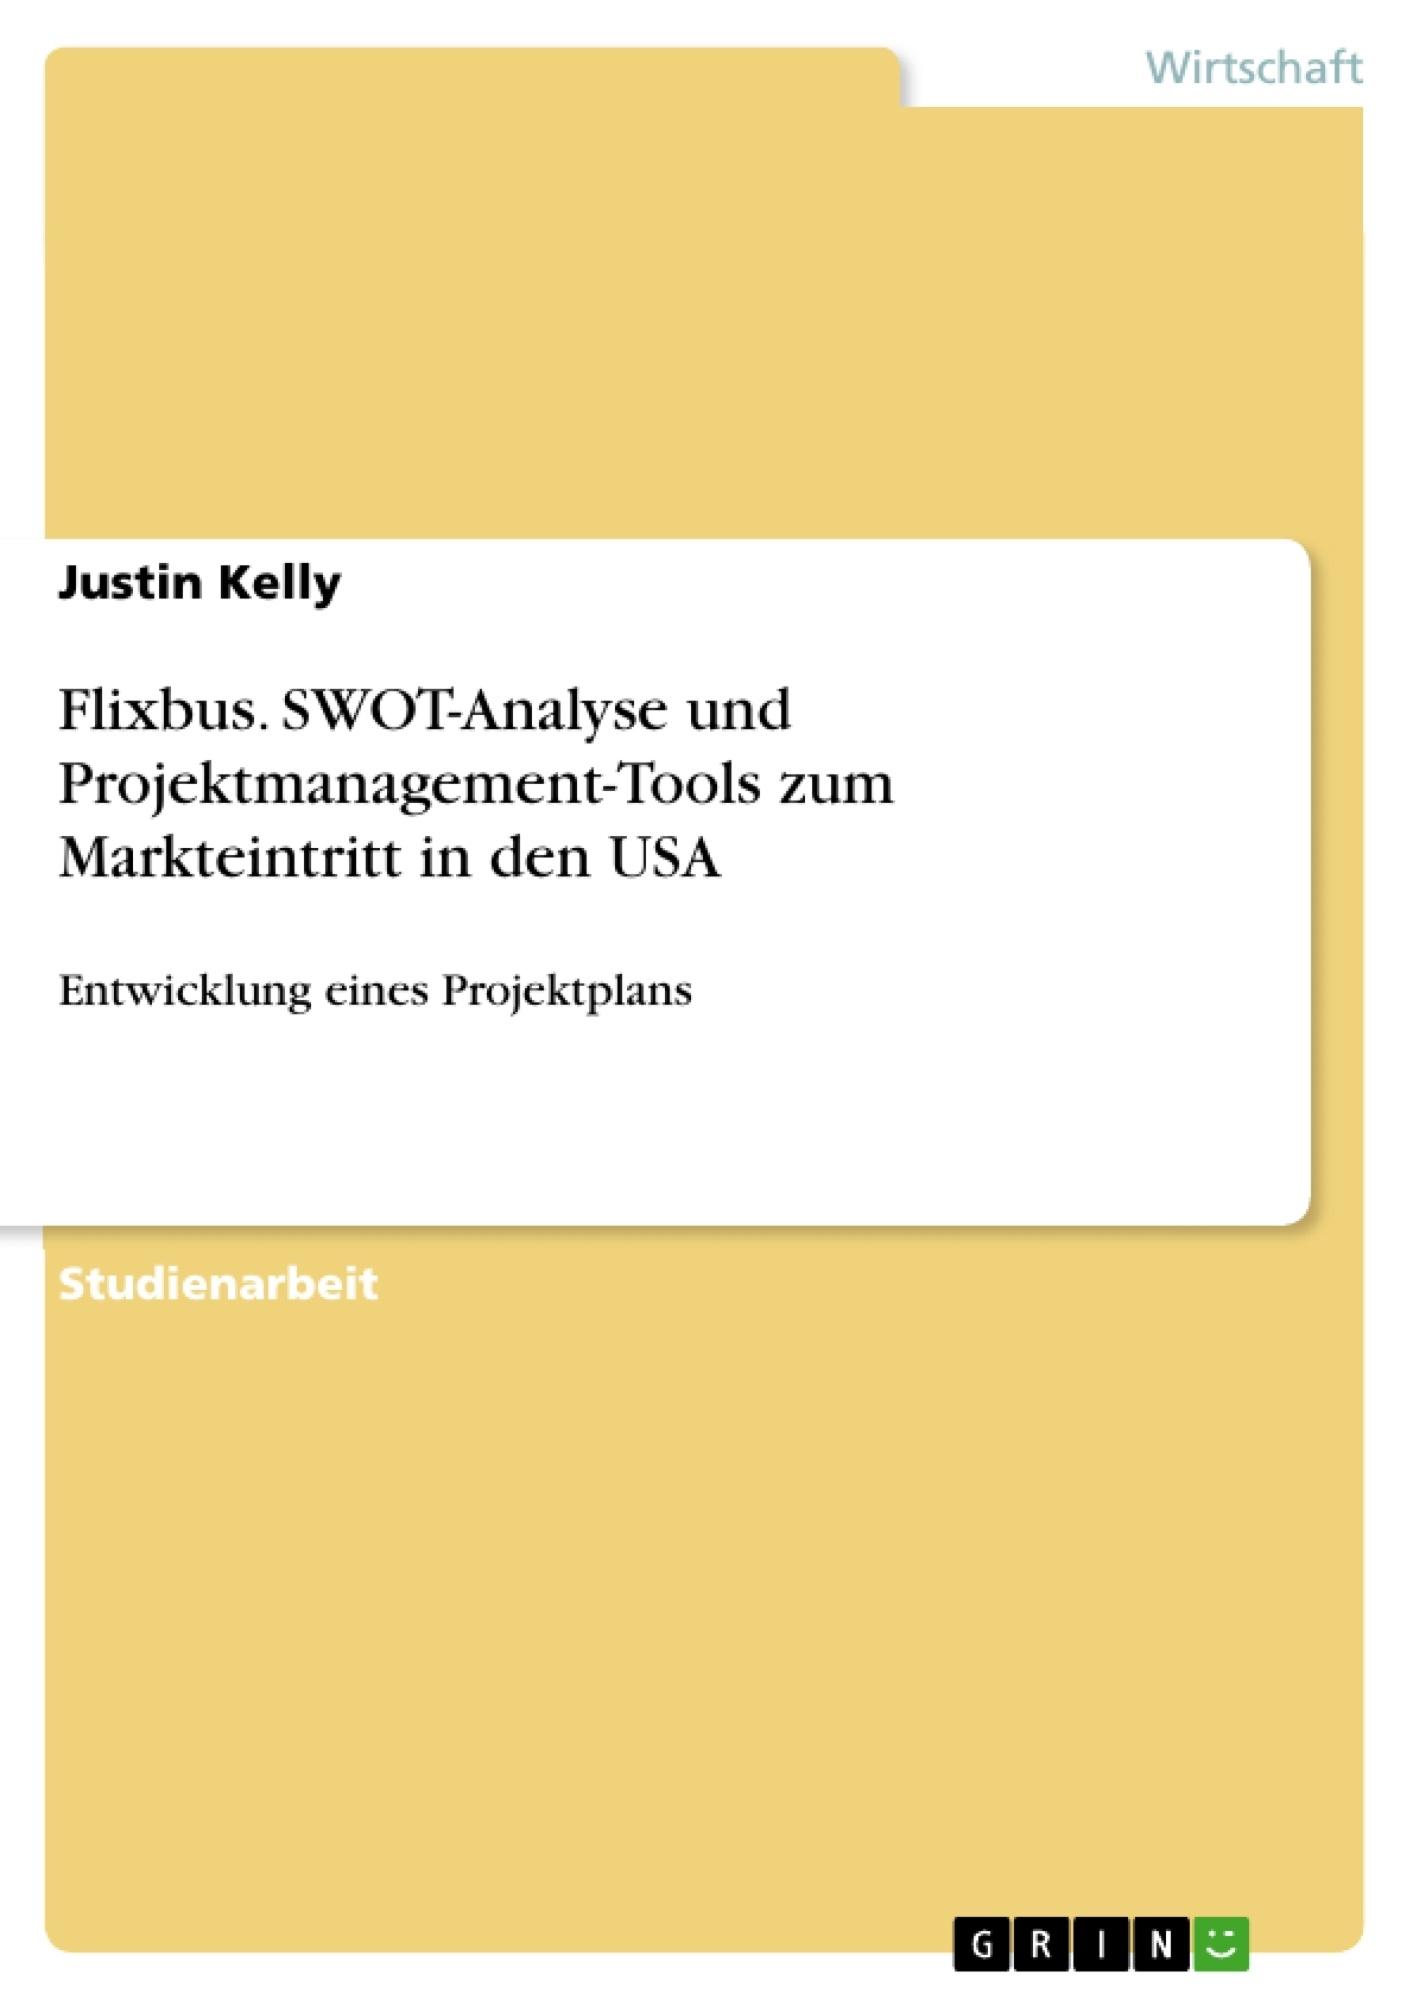 Titel: Flixbus. SWOT-Analyse und Projektmanagement-Tools zum Markteintritt in den USA